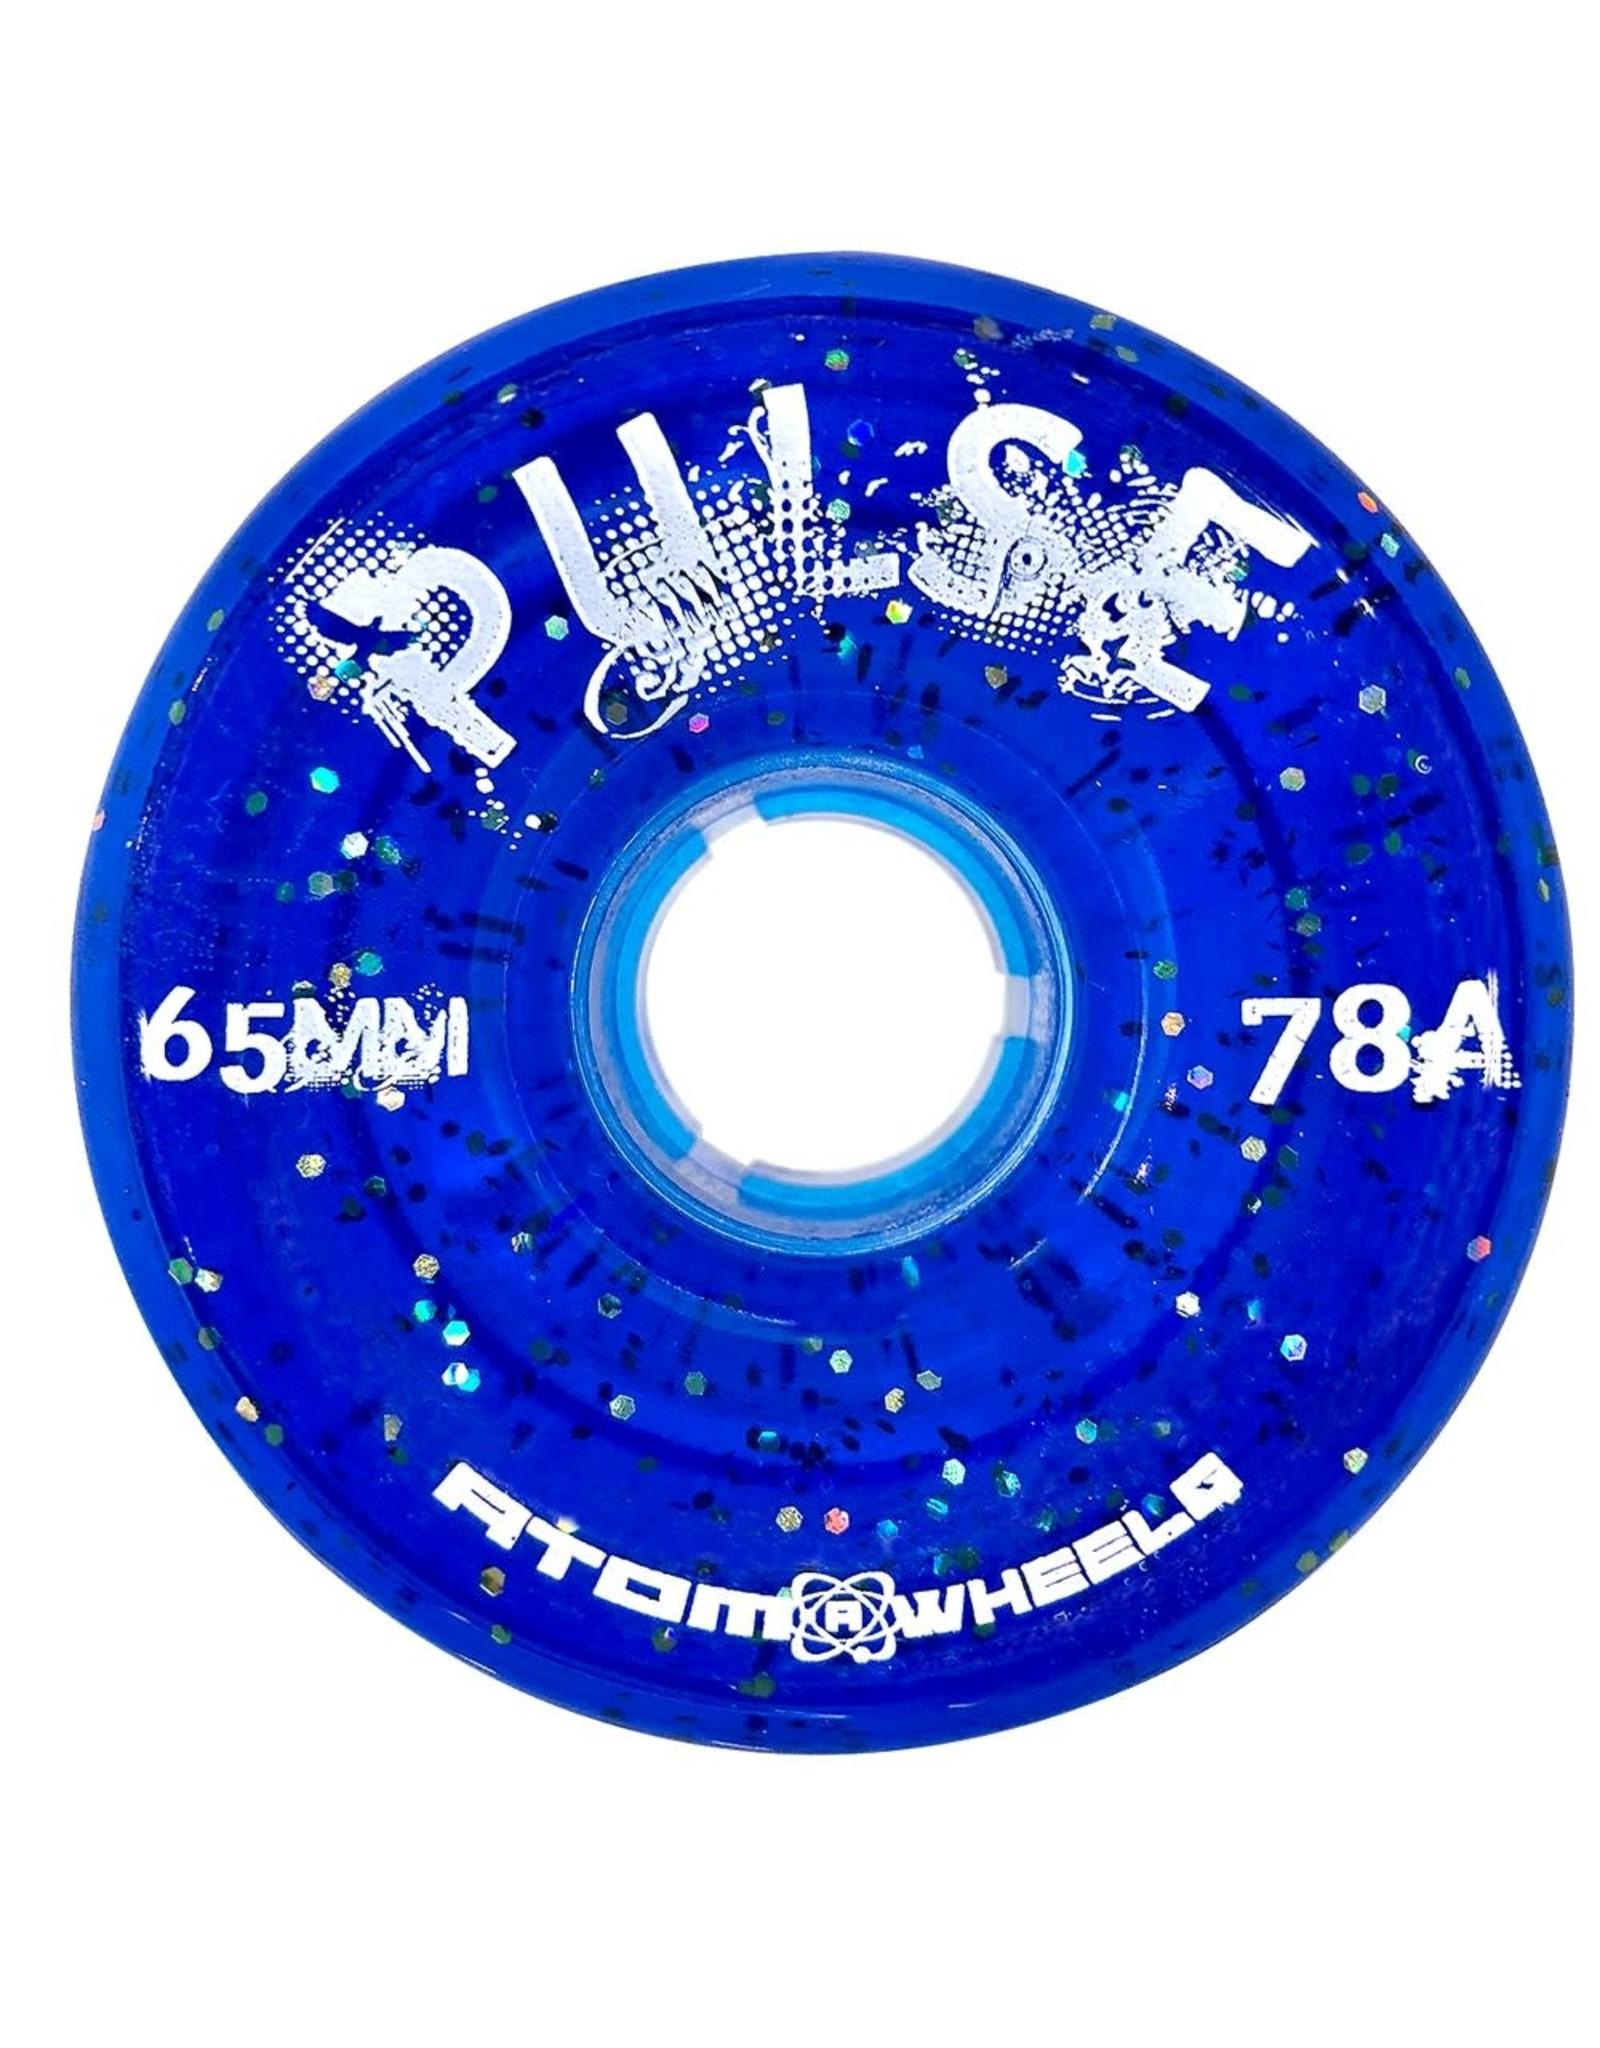 Atom Quad Atom Pulse Outdoor - Glitter